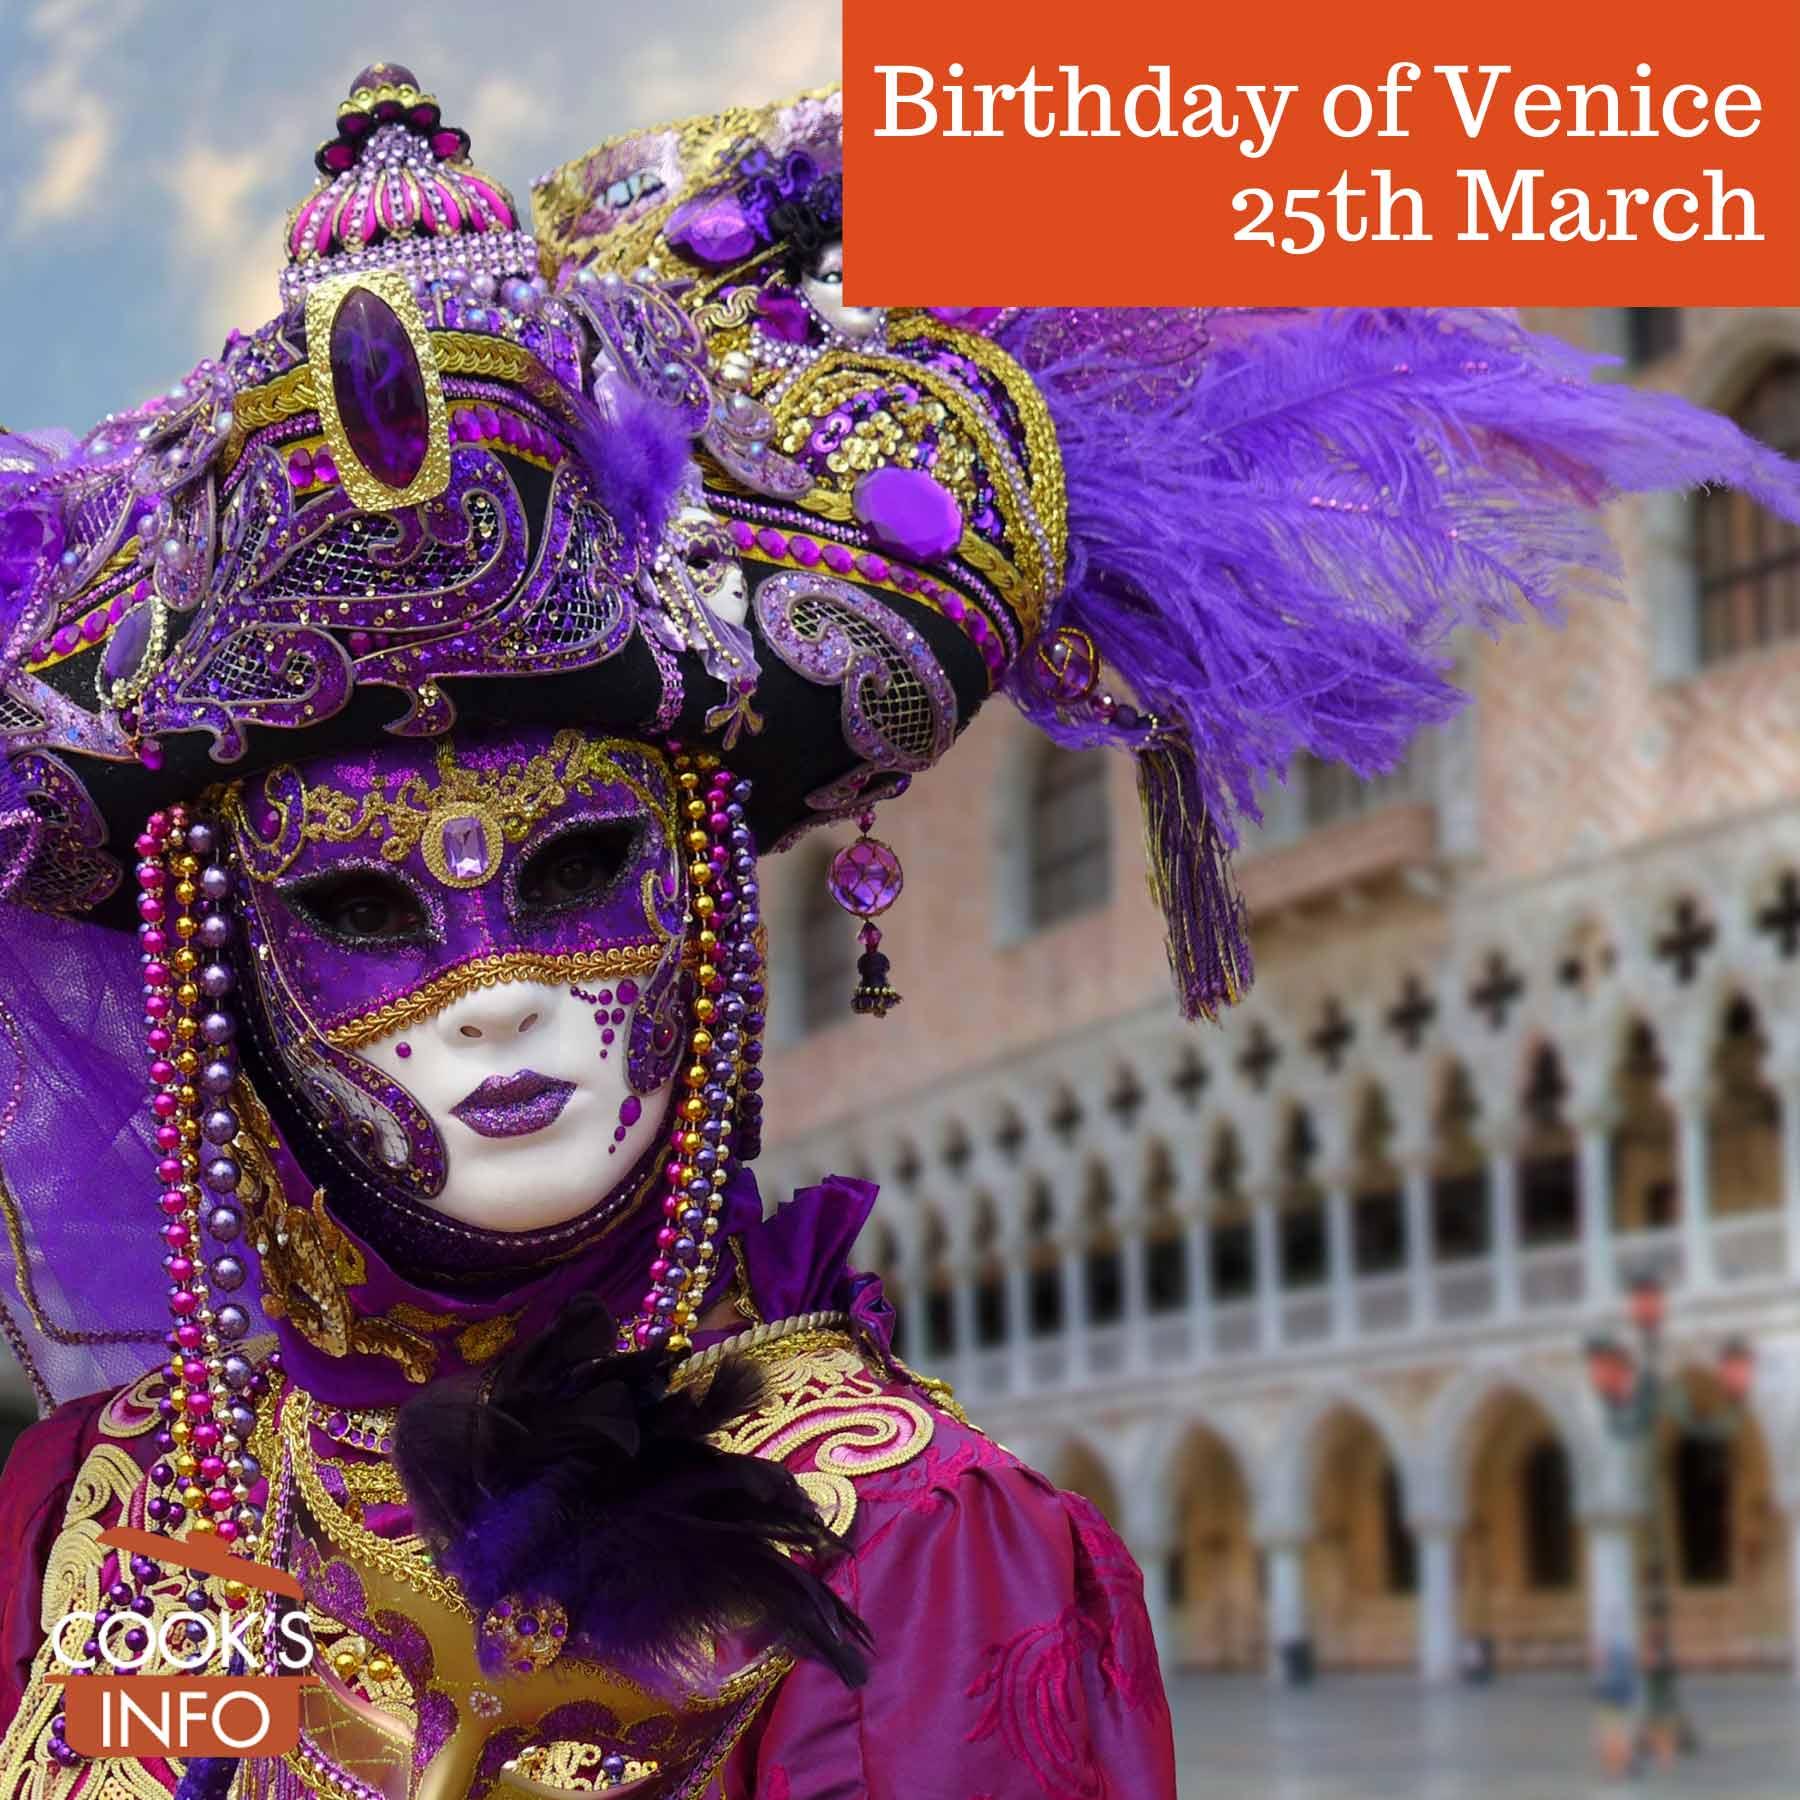 Costumed reveller in Venice